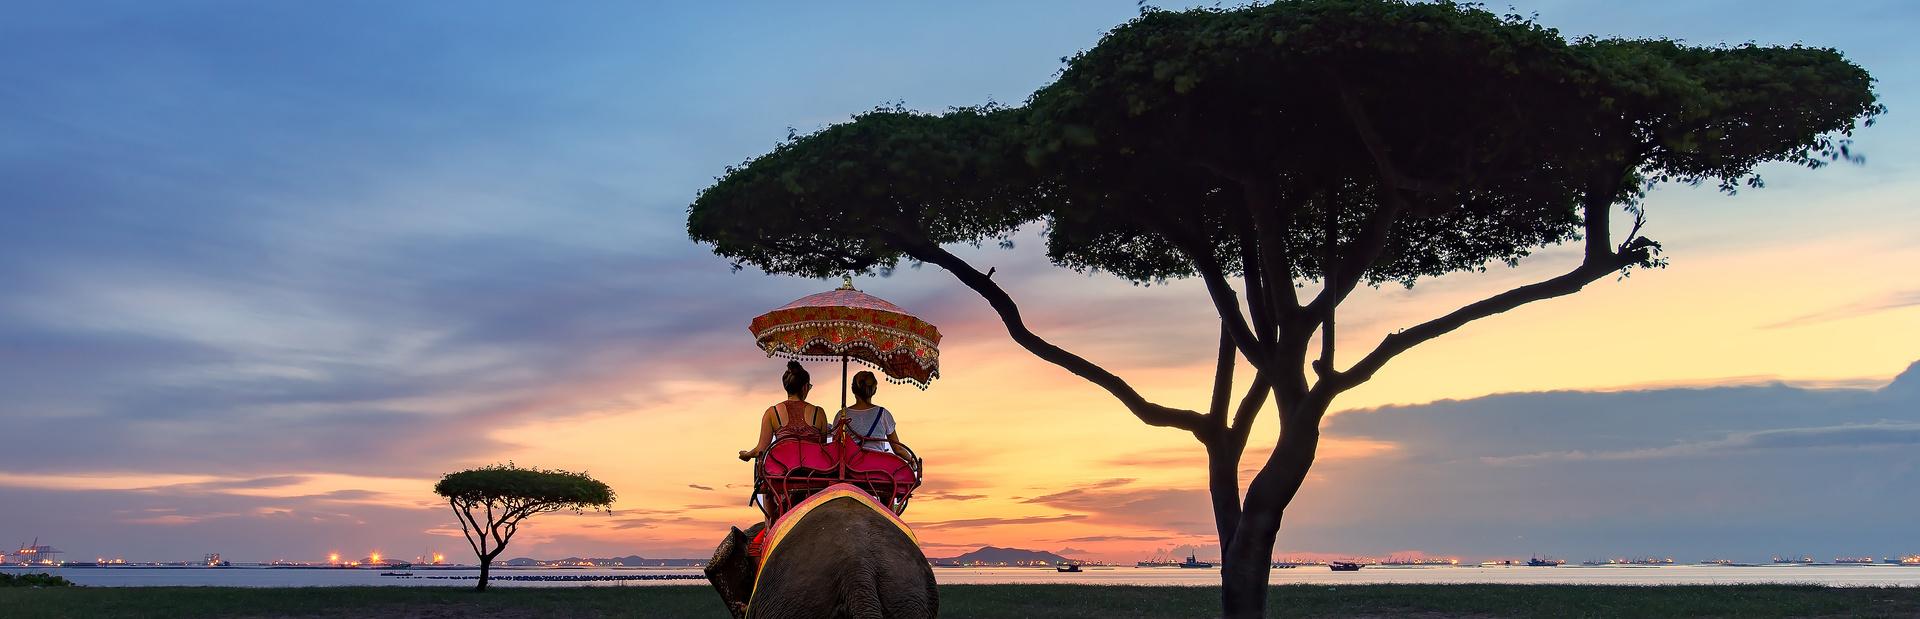 Phuket news photo